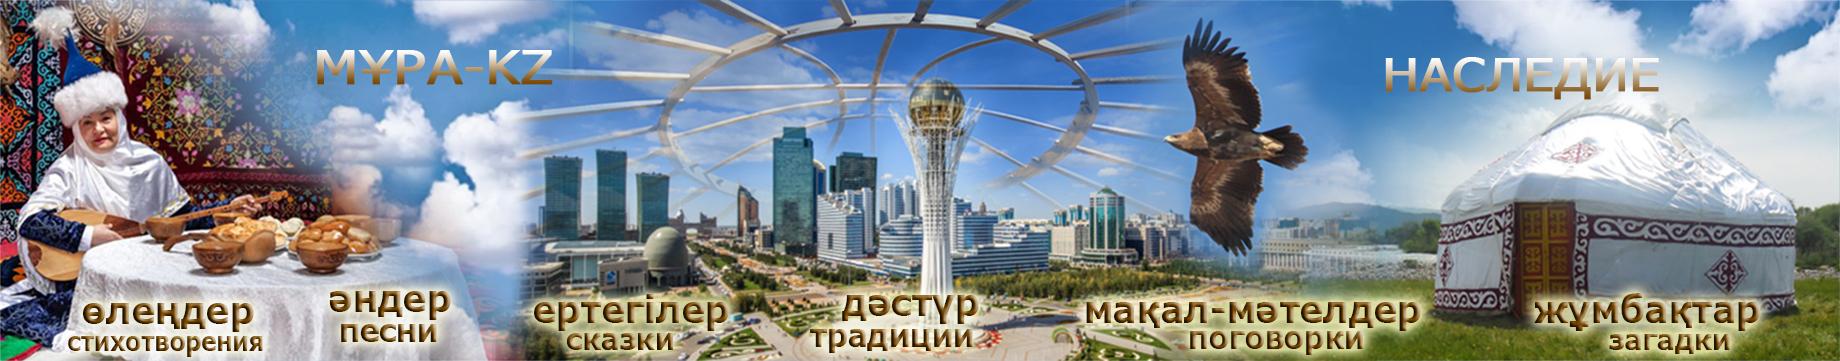 Сайт mura-kz.ru